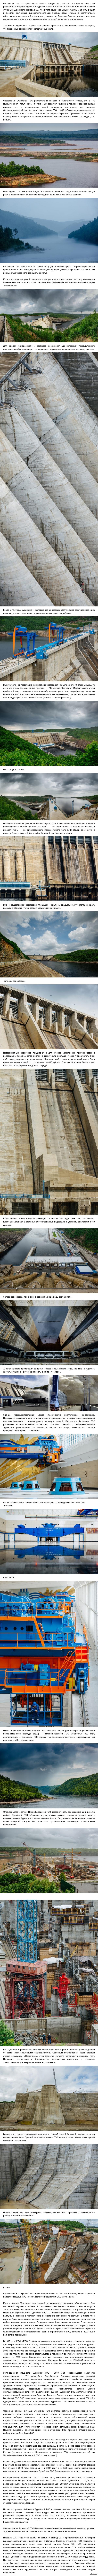 Крупнейшая электростанция на Дальнем Востоке России. С невместившимися фотографиями можно ознакомиться здесь: http://chistoprudov.livejournal.com/174339.html Не пожалеете, фотографии отличнейшие!